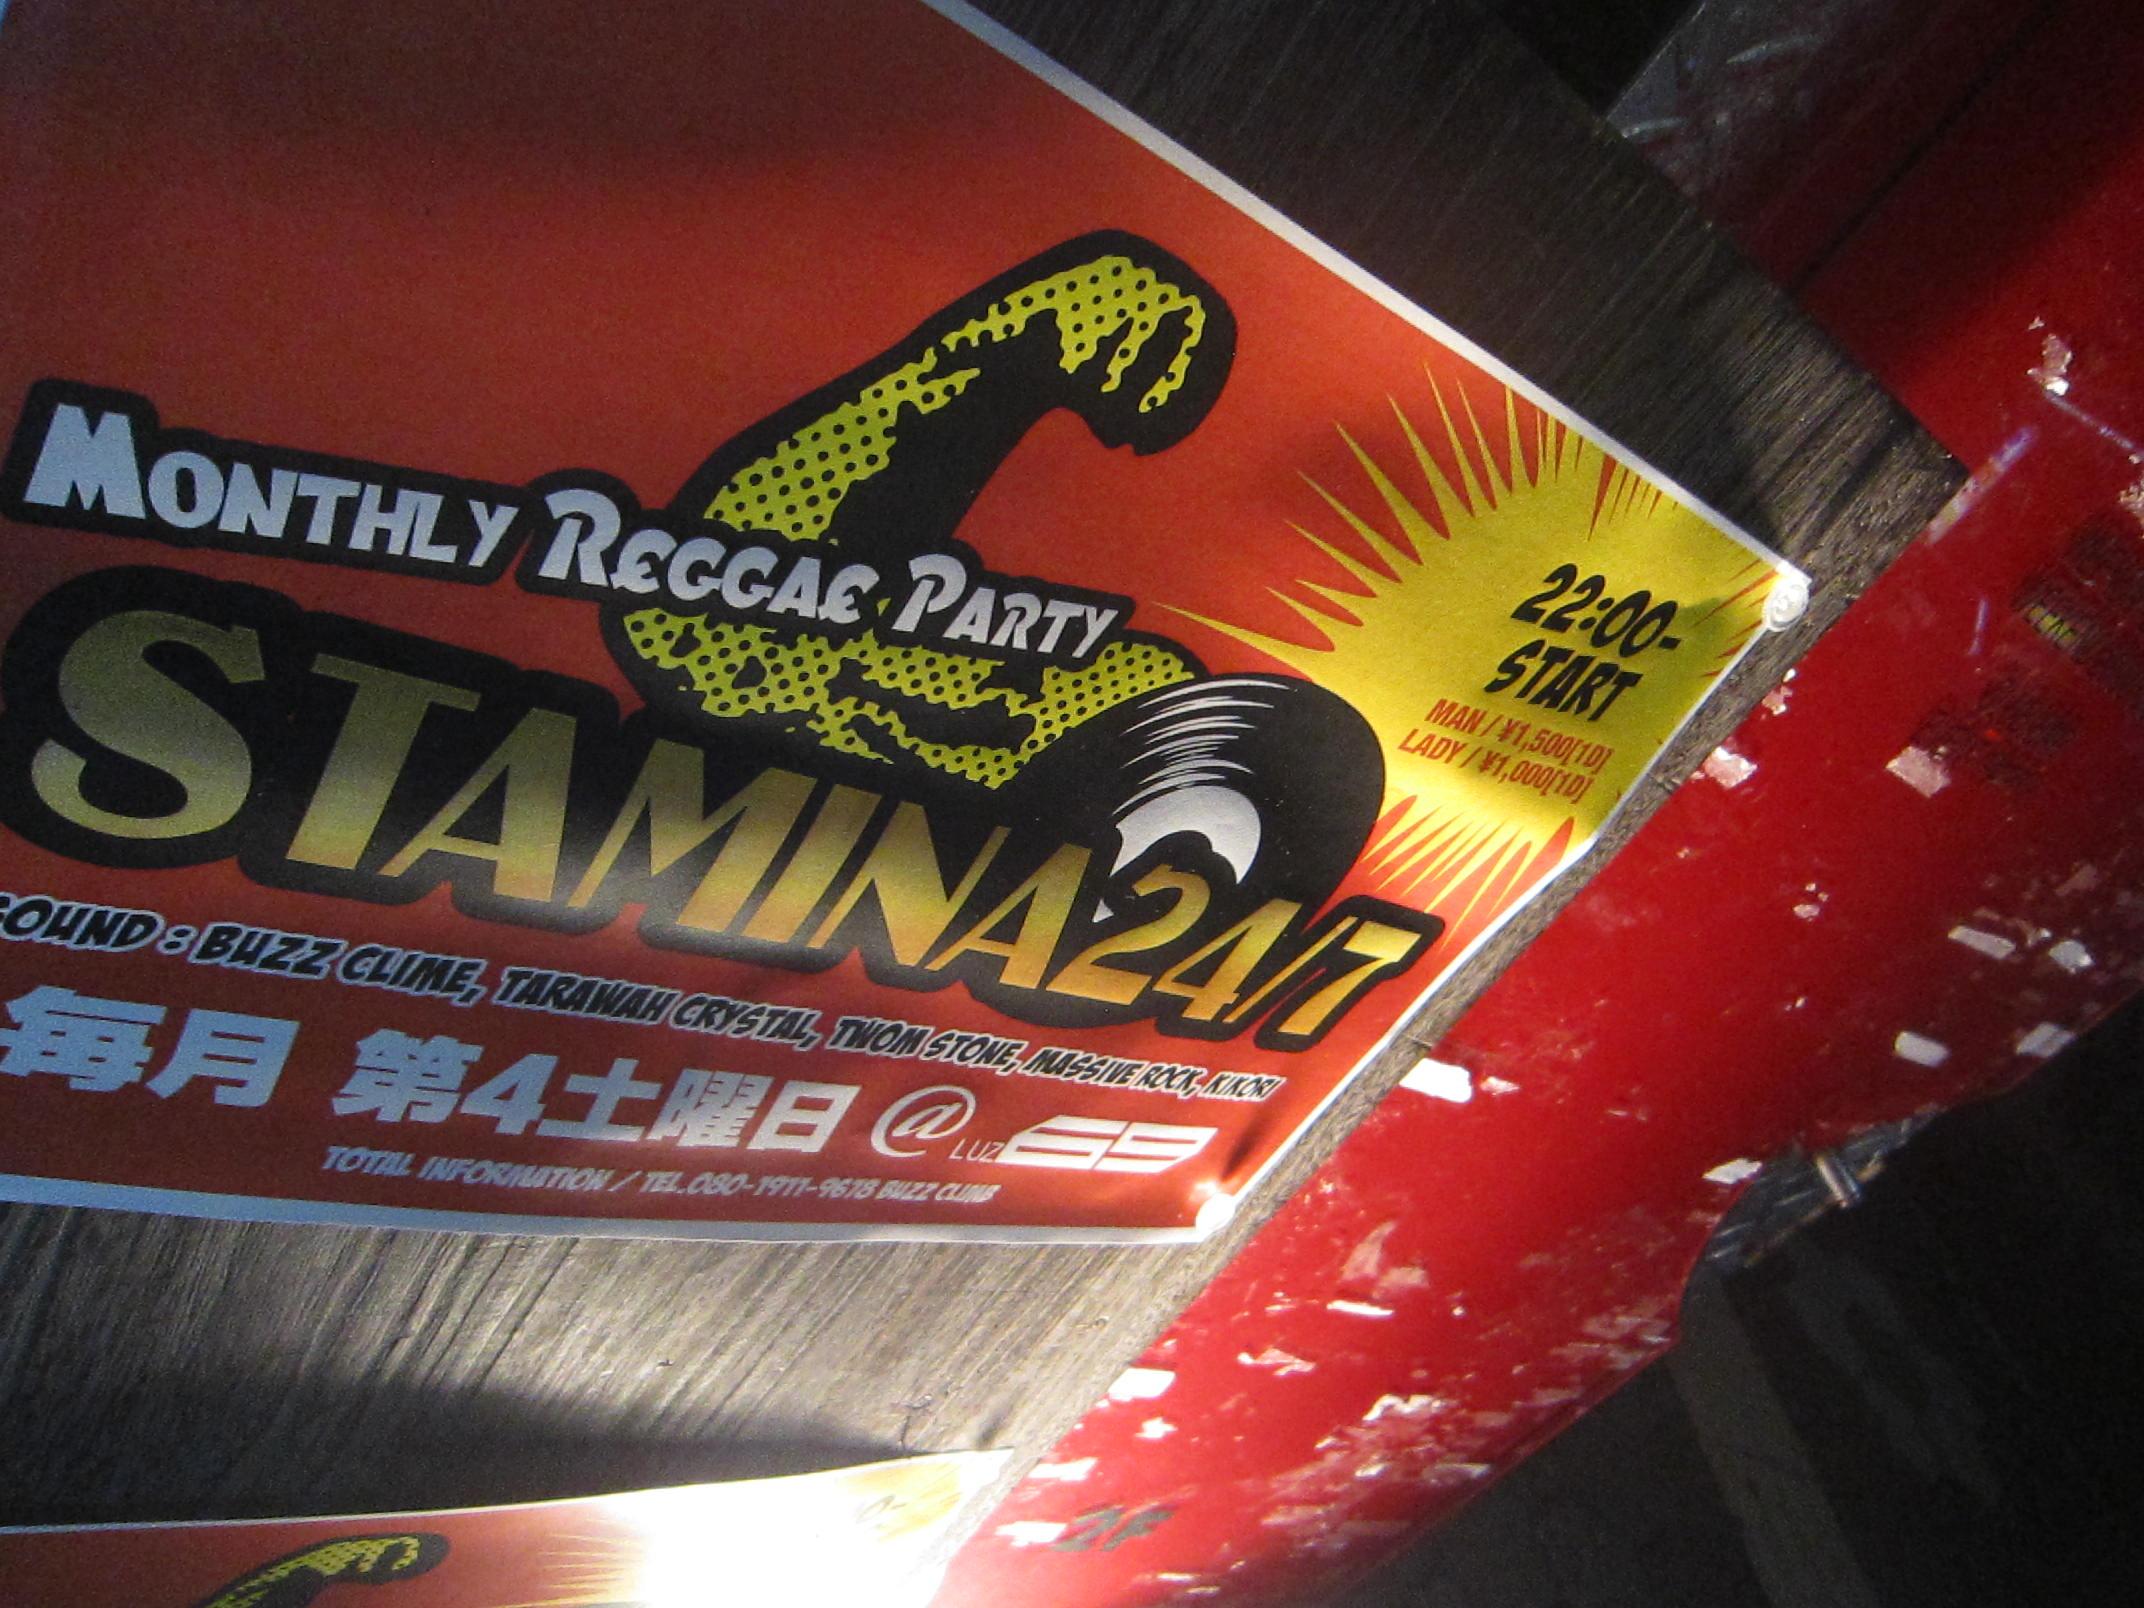 monthly reggae  STAMINA24\'7 - BIRTHDAY BASH -_e0115904_19545266.jpg